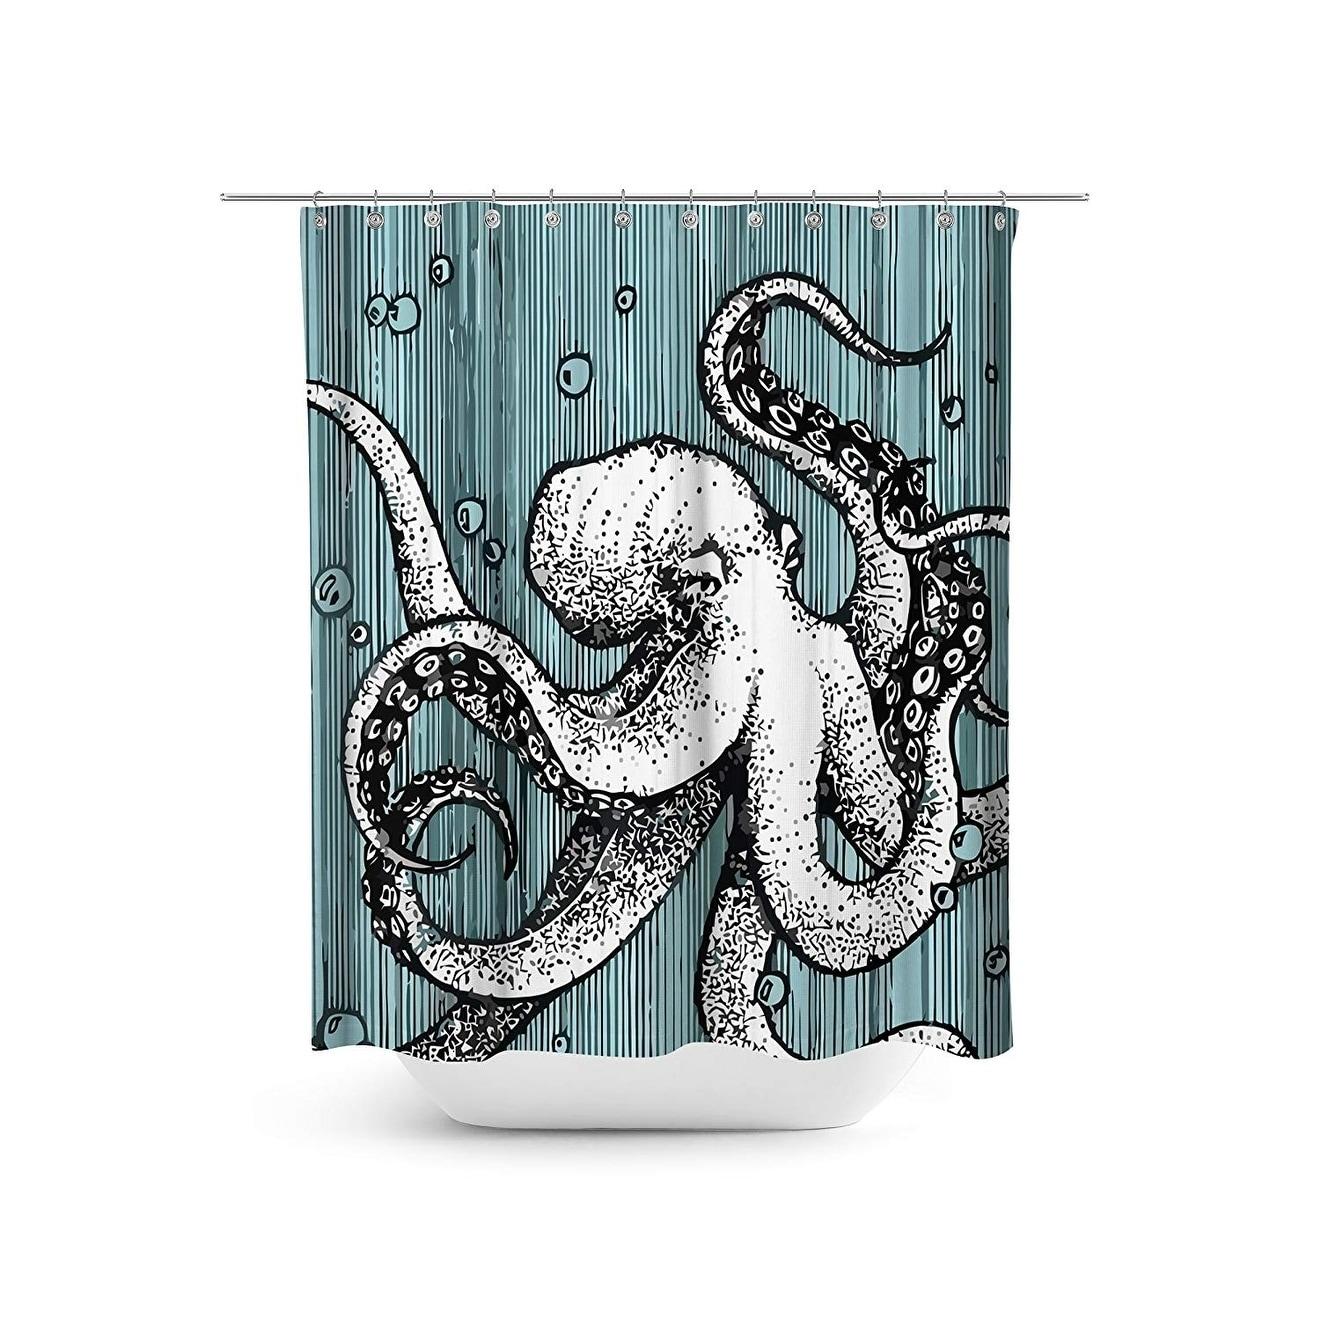 Octopus Shower Curtain Set 72 X 72